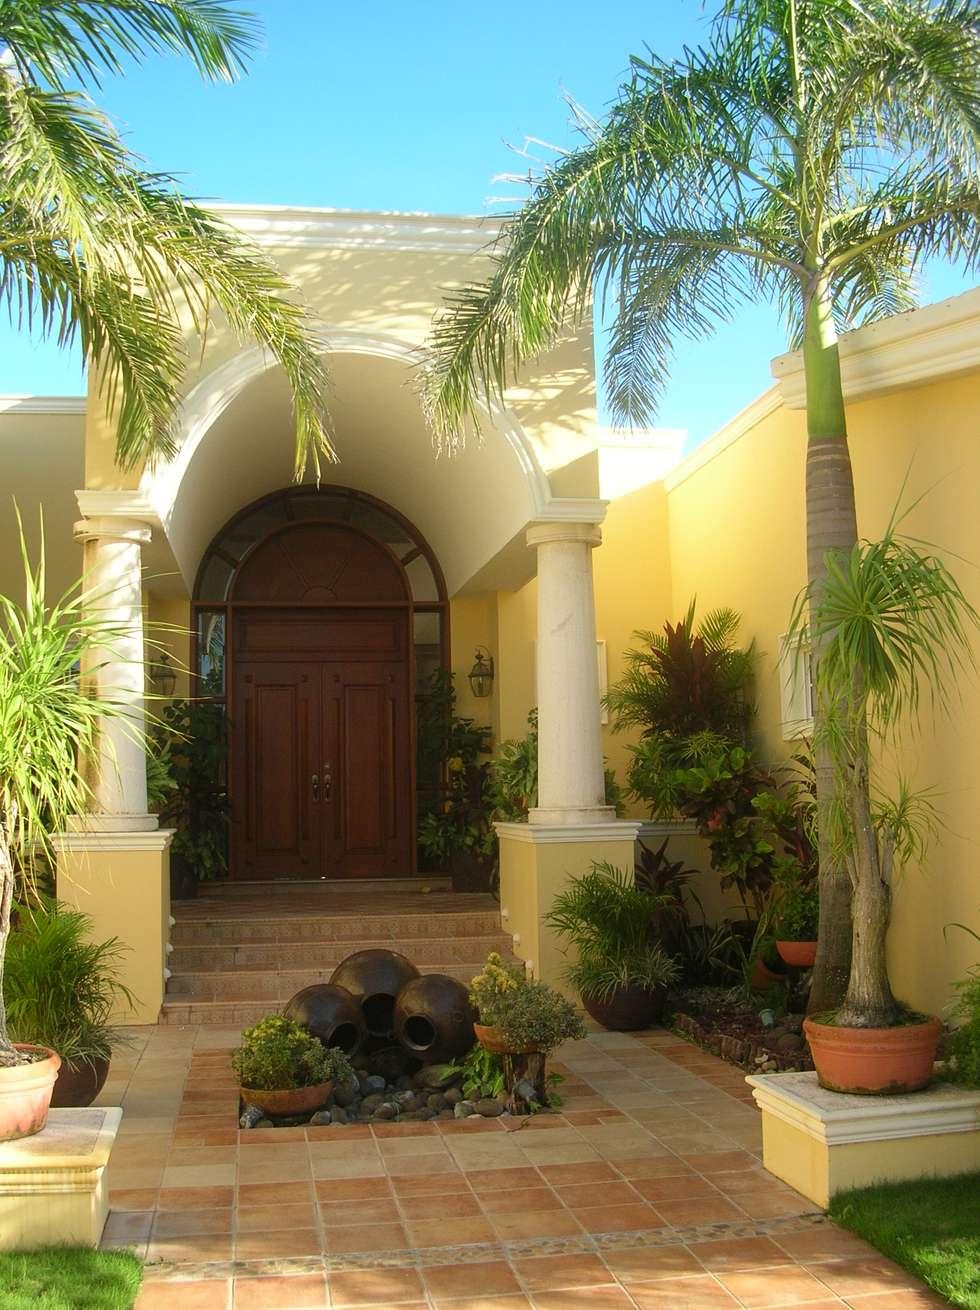 CASA AMARILLA / YELLOW HOUSE : Casas de estilo ecléctico por SG Huerta Arquitecto Cancun